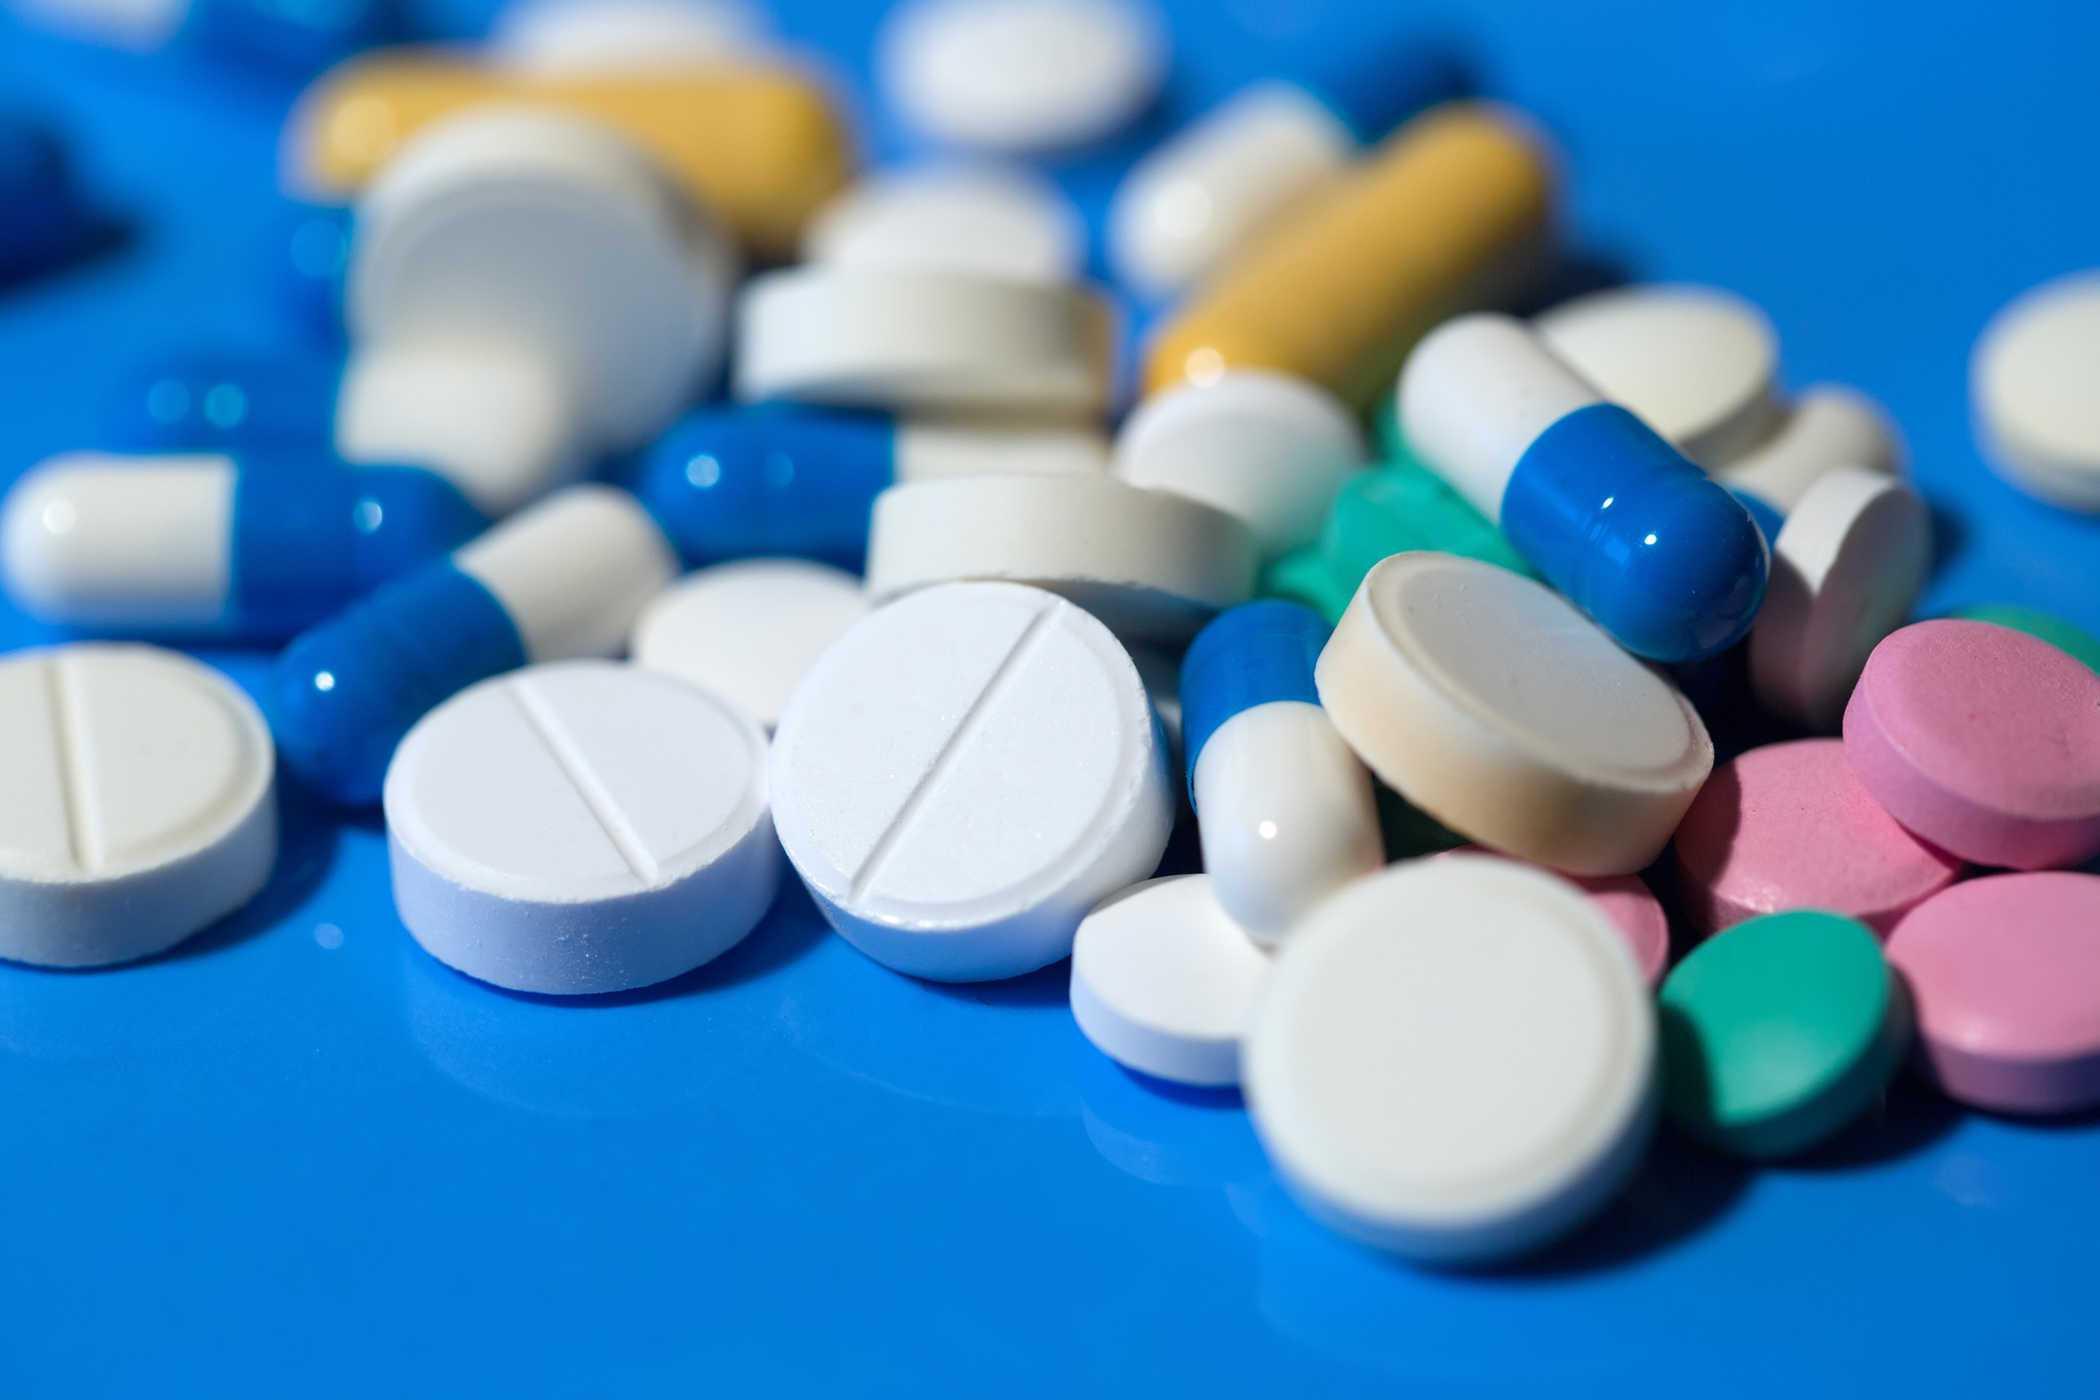 Hạn chế sử dụng các loại thuốc khi không có chỉ định của bác sĩ